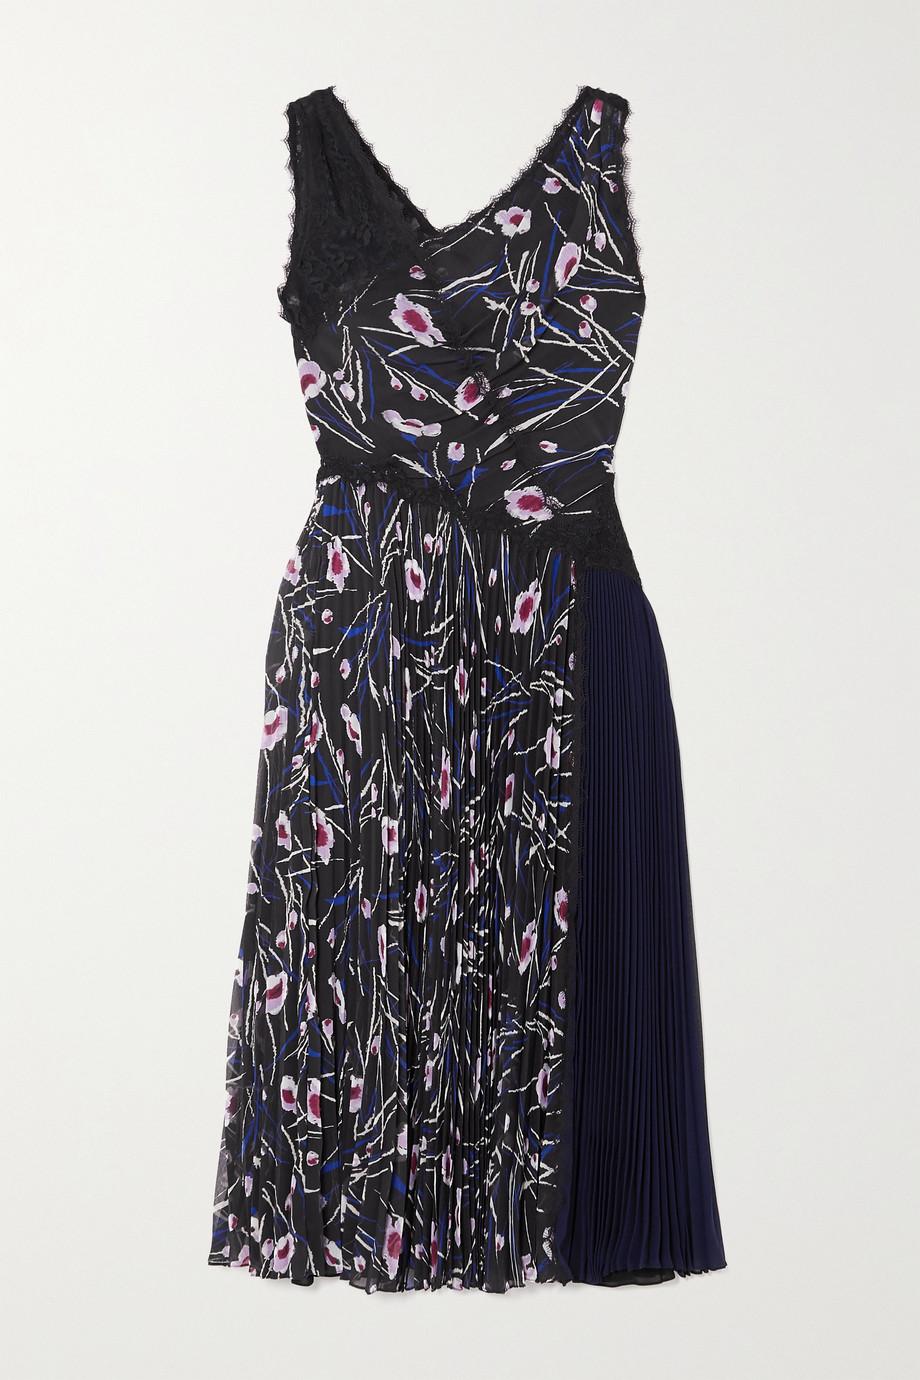 Jason Wu Collection Paneled floral-print chiffon, crepe and lace midi dress